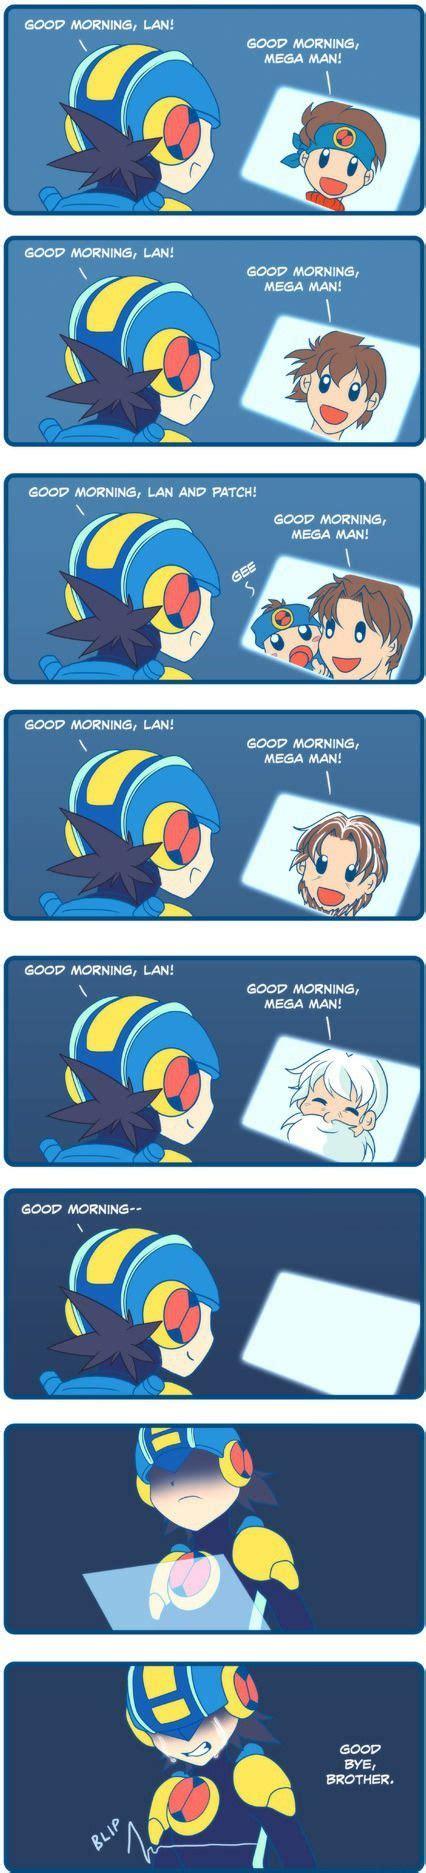 Megaman Memes - megaman battle network good morning http www x lols com memes megaman battle network good